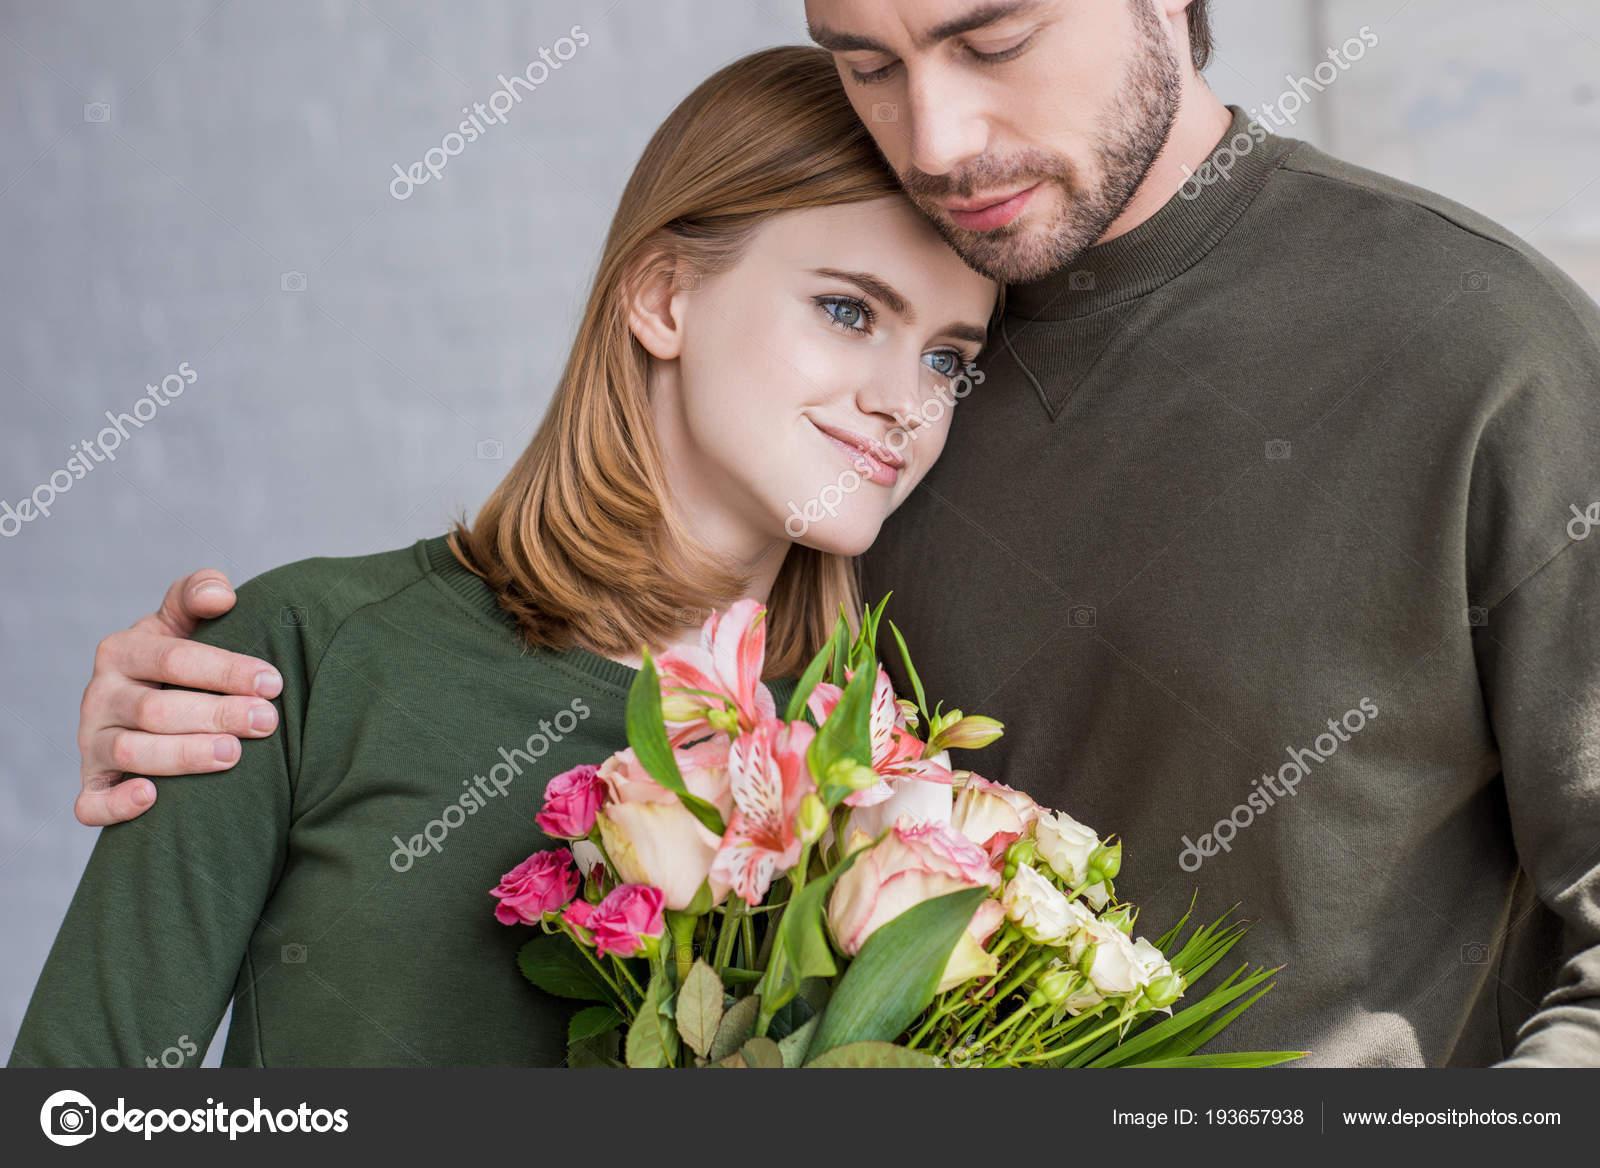 Joven Sonriente Con Flores Hombro Del Novio Foto De Stock